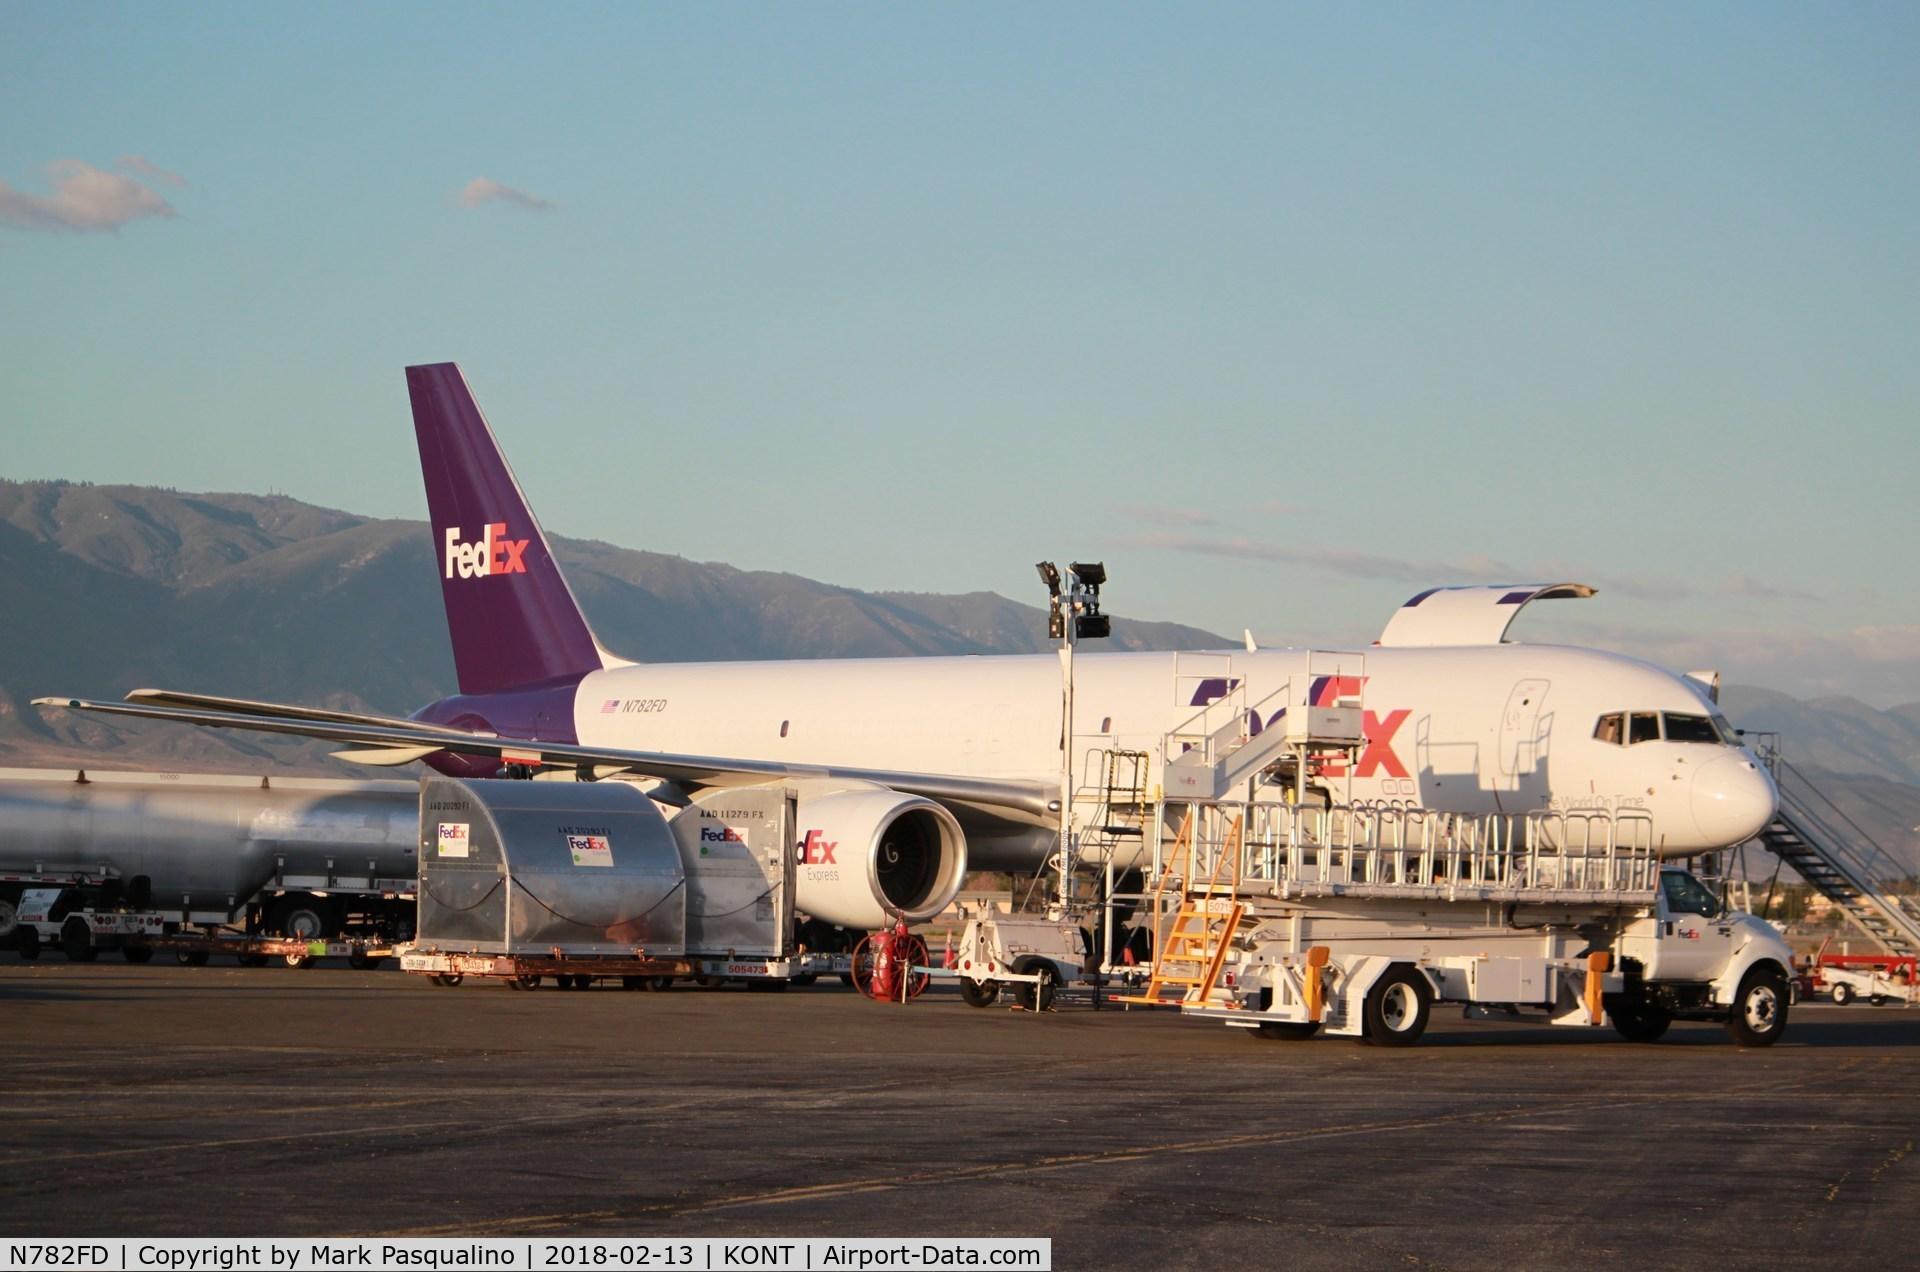 N782FD, 1992 Boeing 757-222 C/N 26677, Boeing 757-200